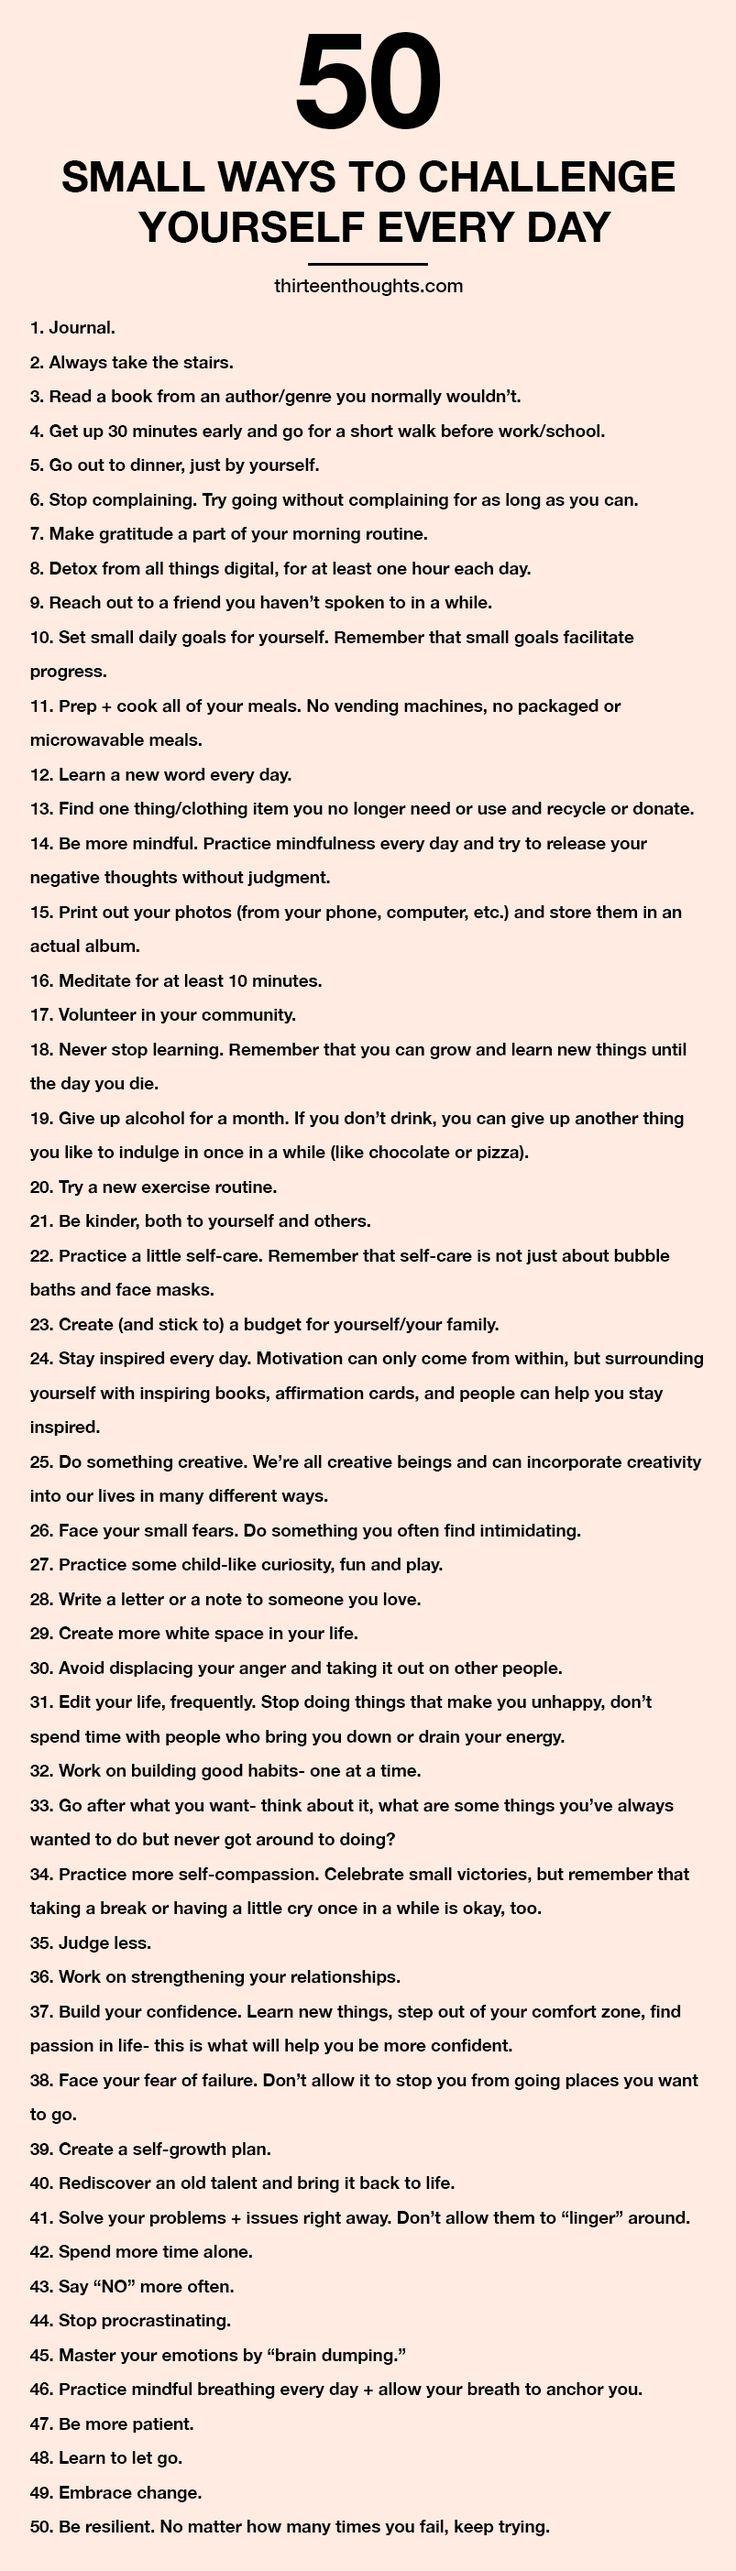 50 kleine Möglichkeiten, sich jeden Tag selbst he…